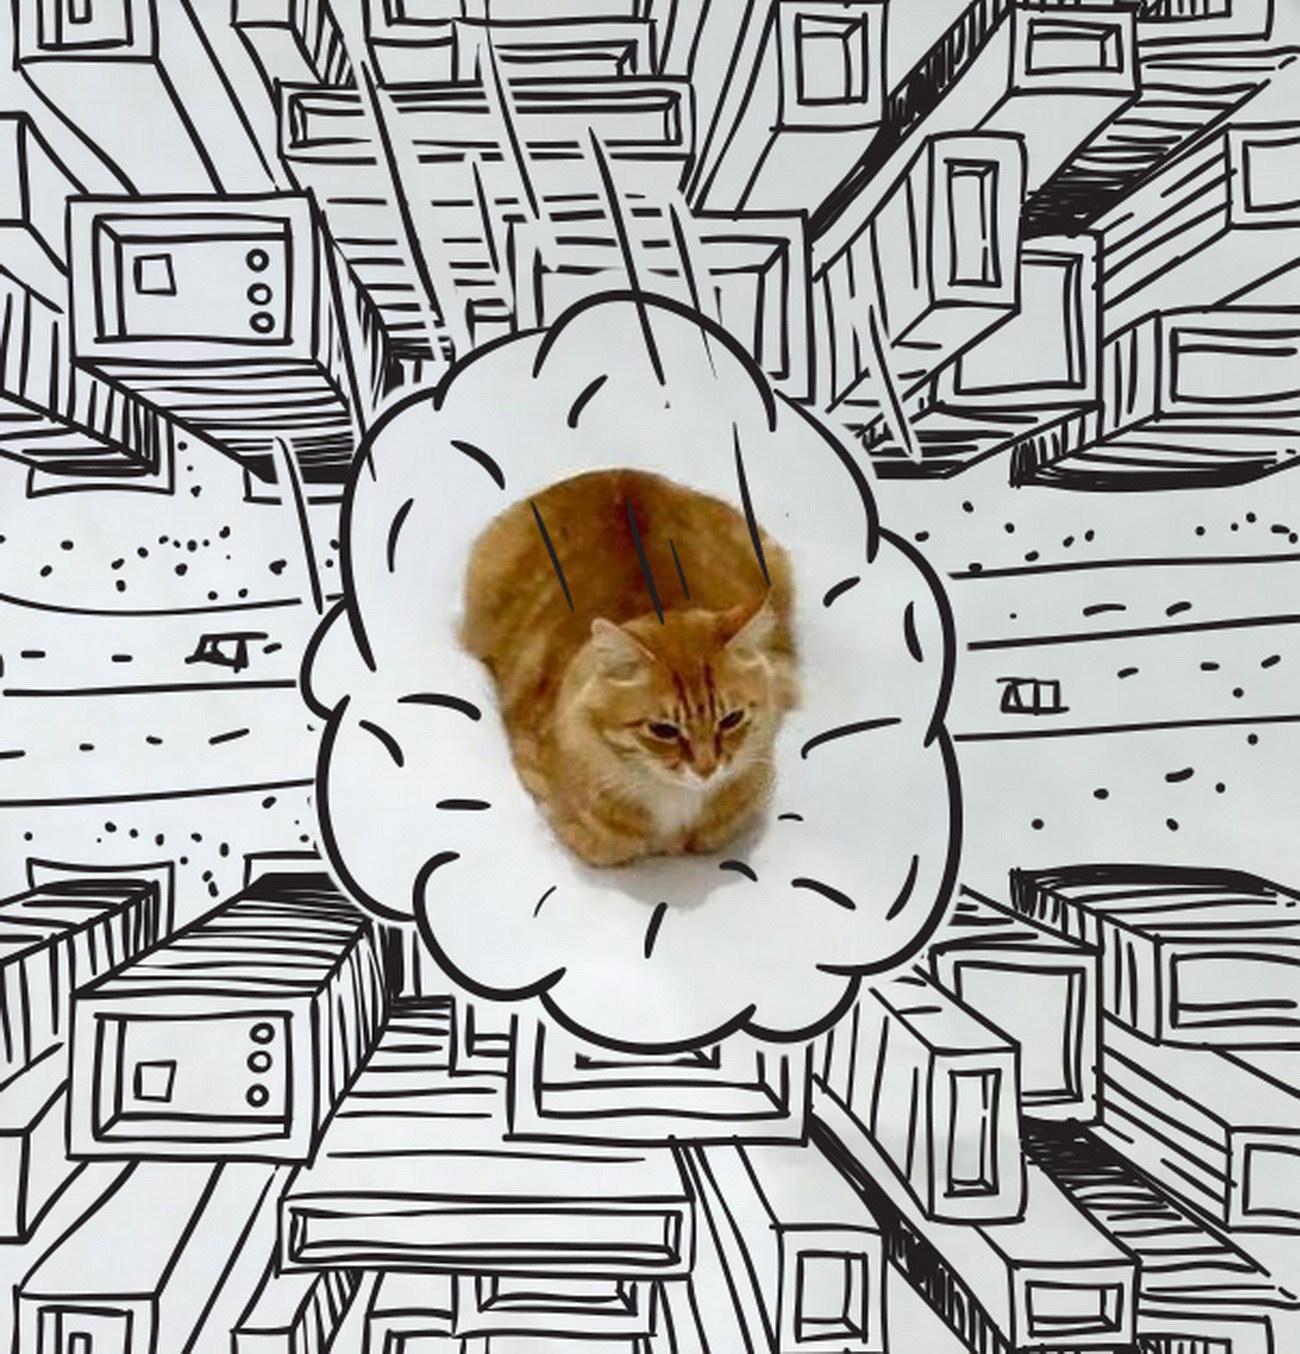 Пририсуй что-нибудь коту: превращение обычной фотографии в смешную картинку